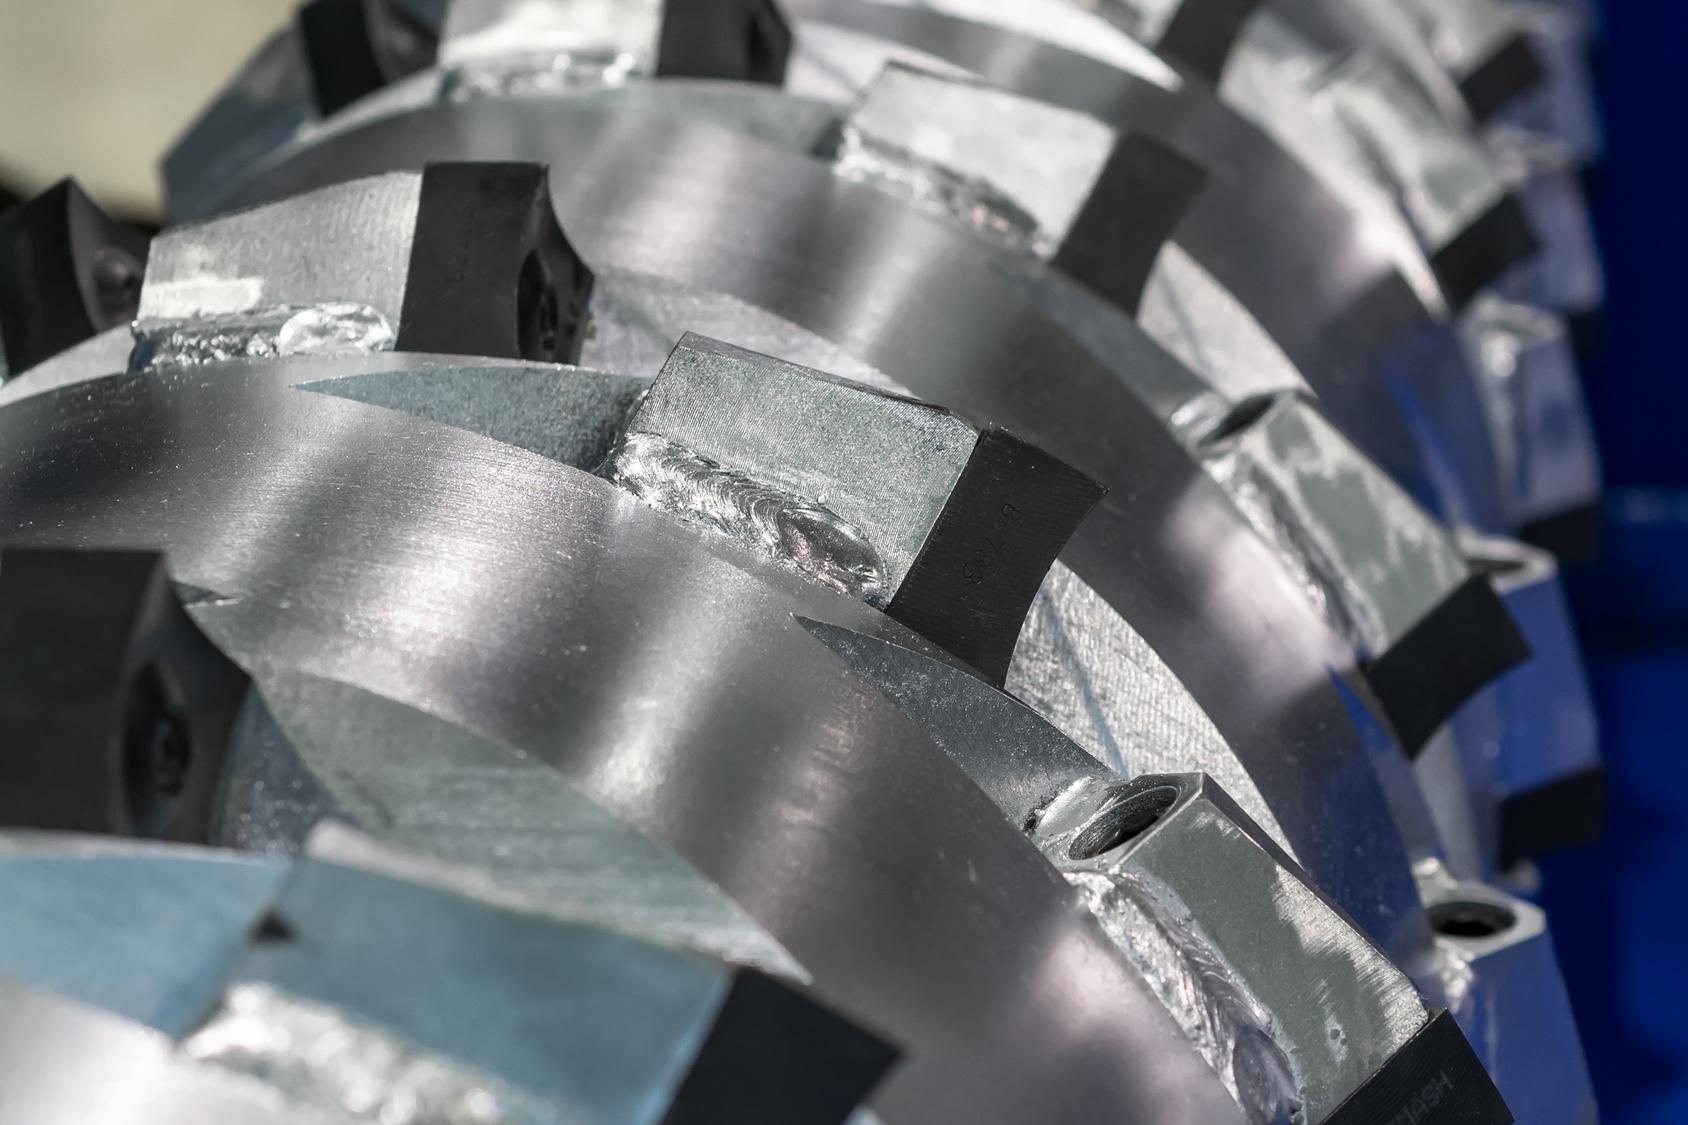 blade-shaft-of-industrial-shredder-crusher-grinder